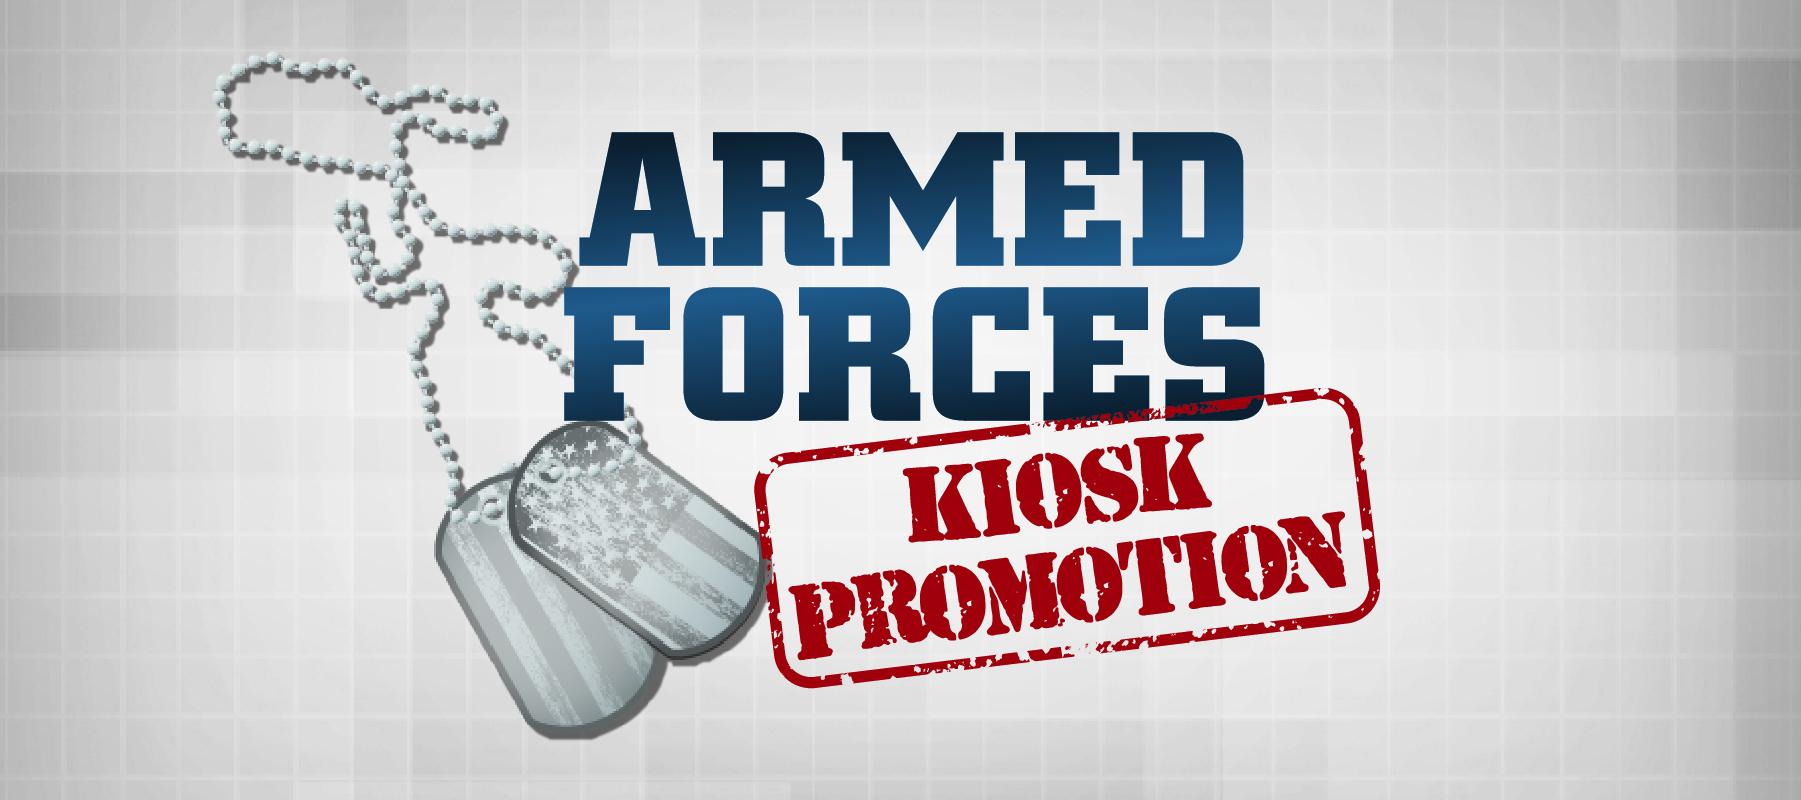 Armed Forces Kiosk Promotion